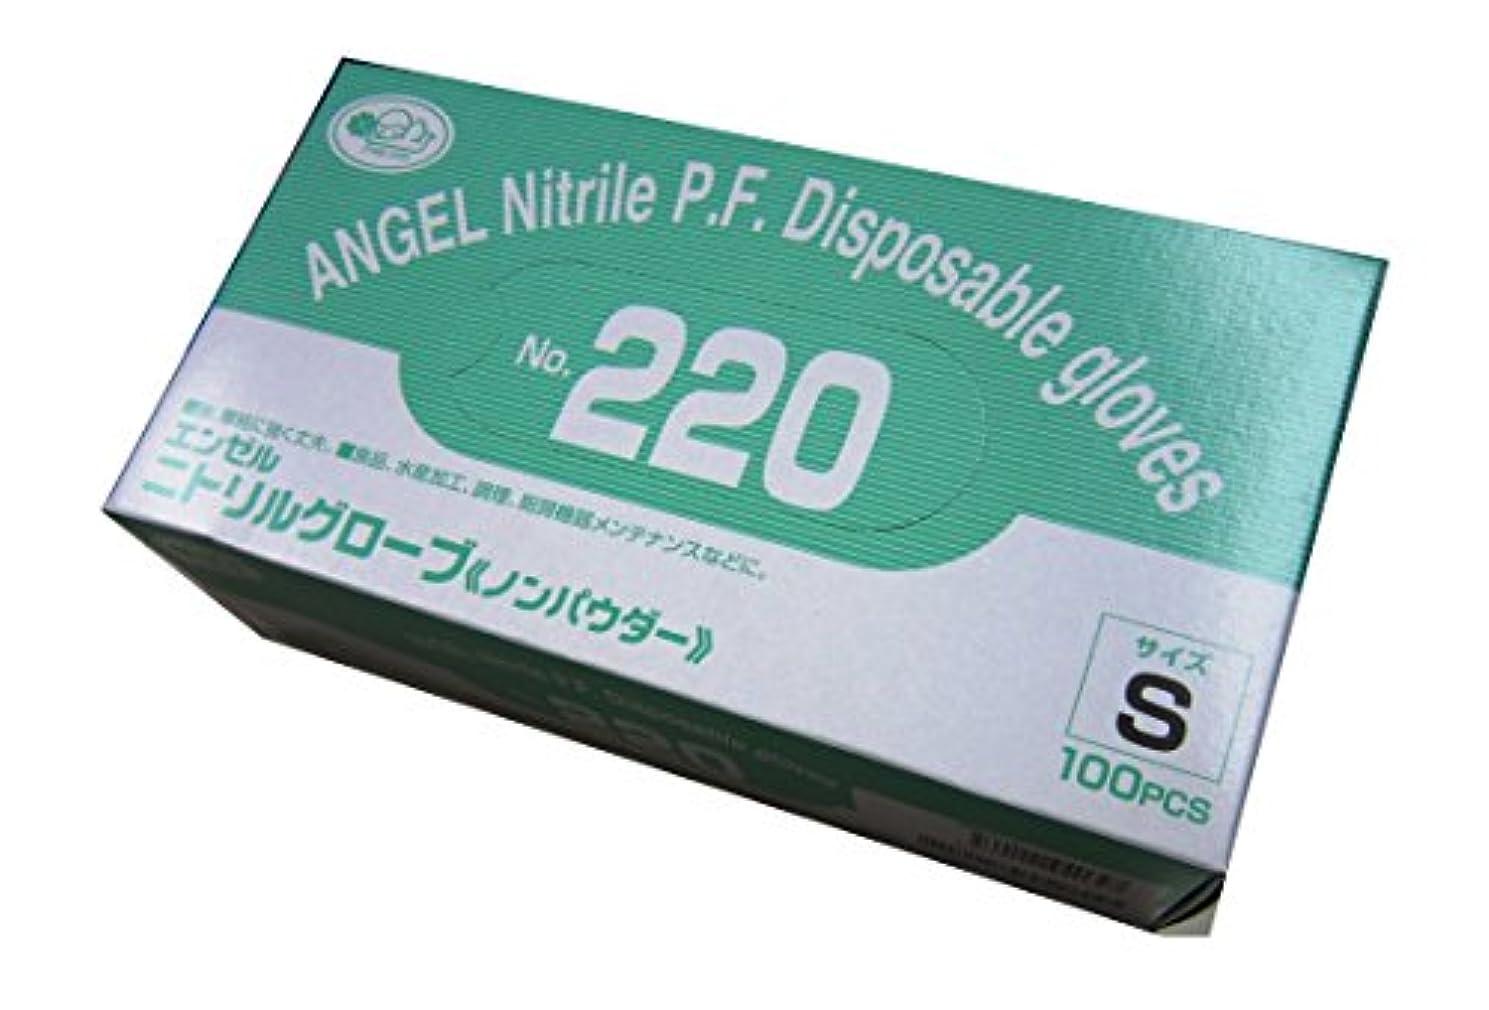 売るスキャン失礼なサンフラワー No.220 ニトリルグローブ ノンパウダー ホワイト 100枚入り (S)